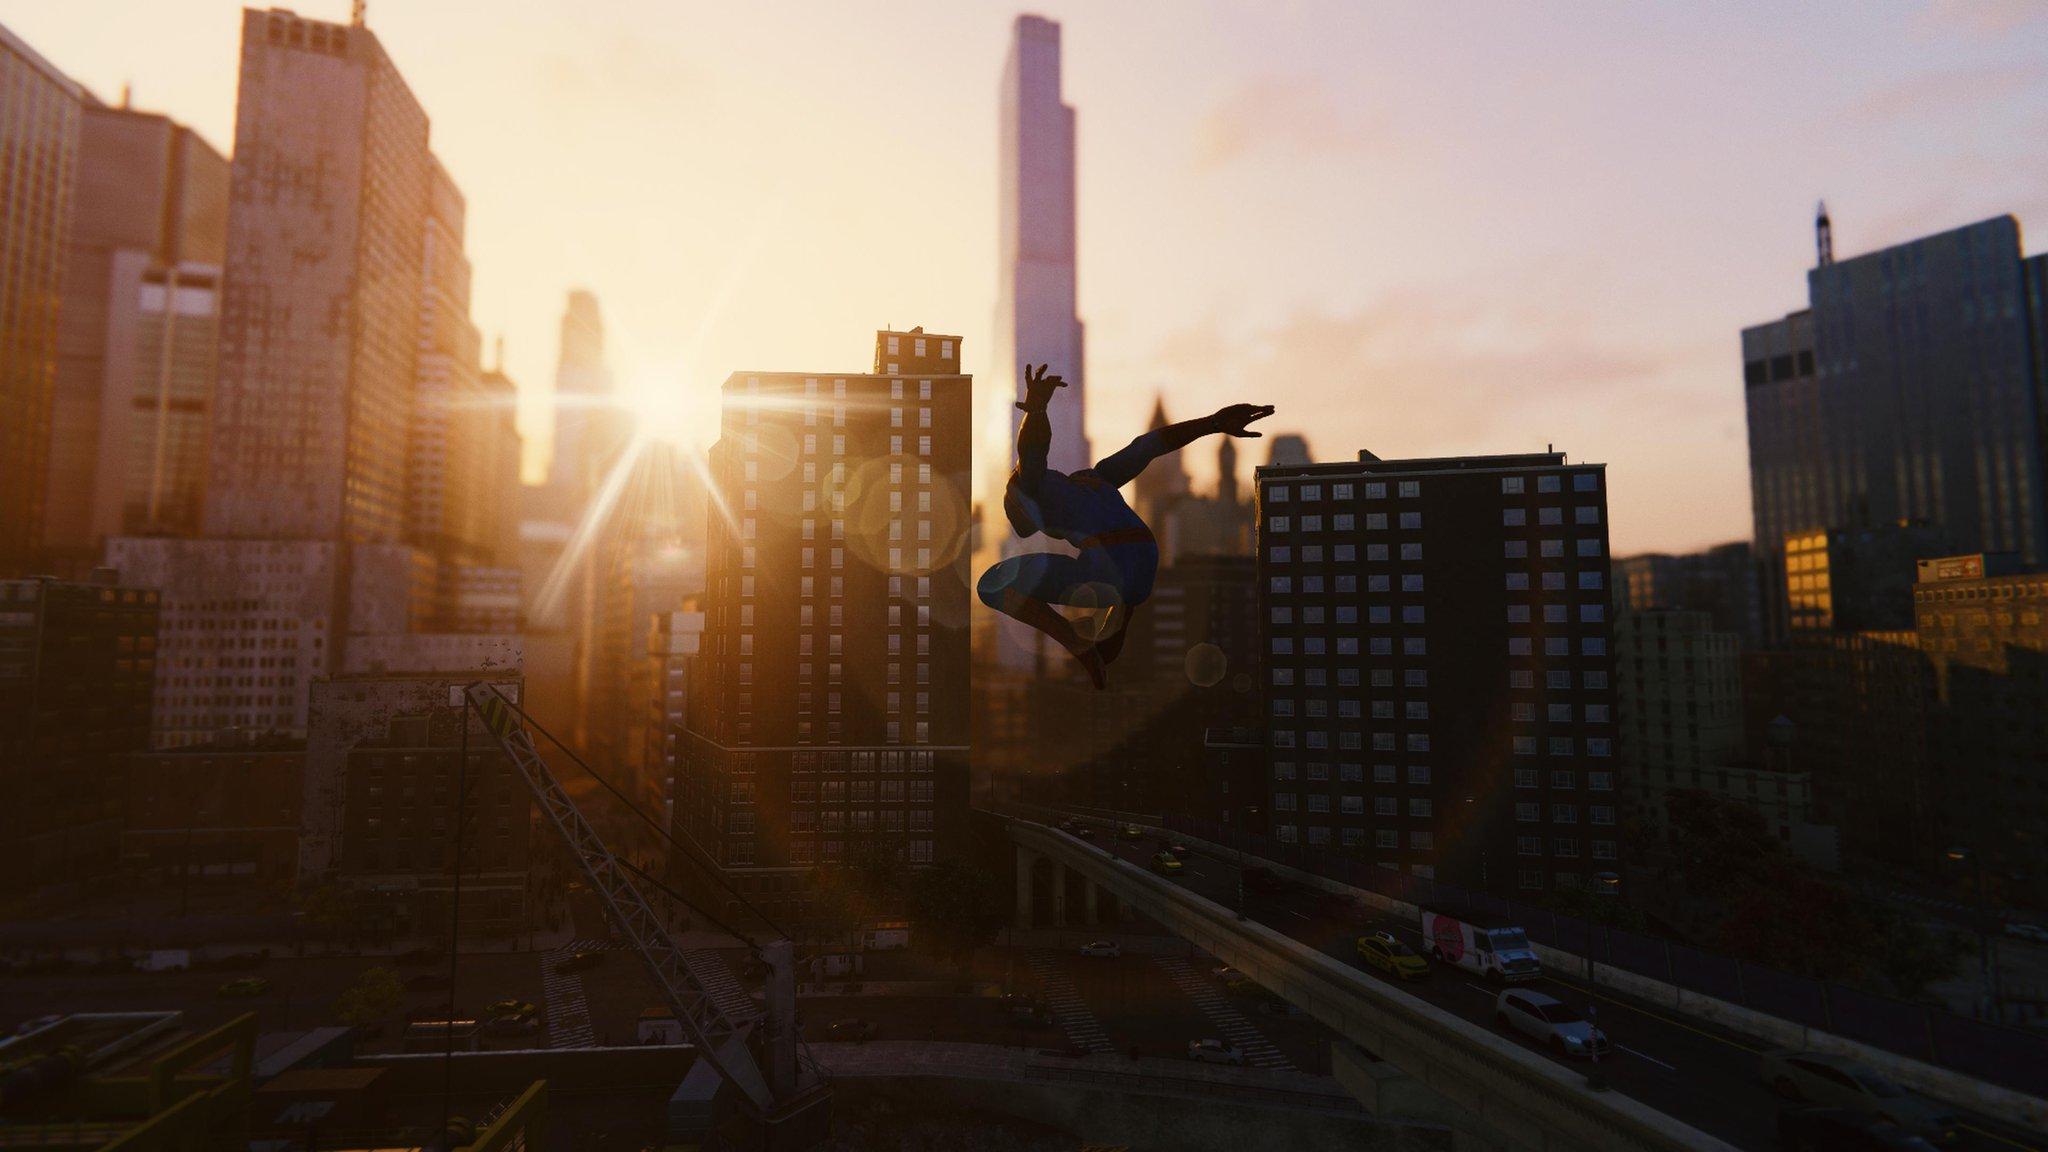 Spider-Man - Pagina 2 Dze7o-10